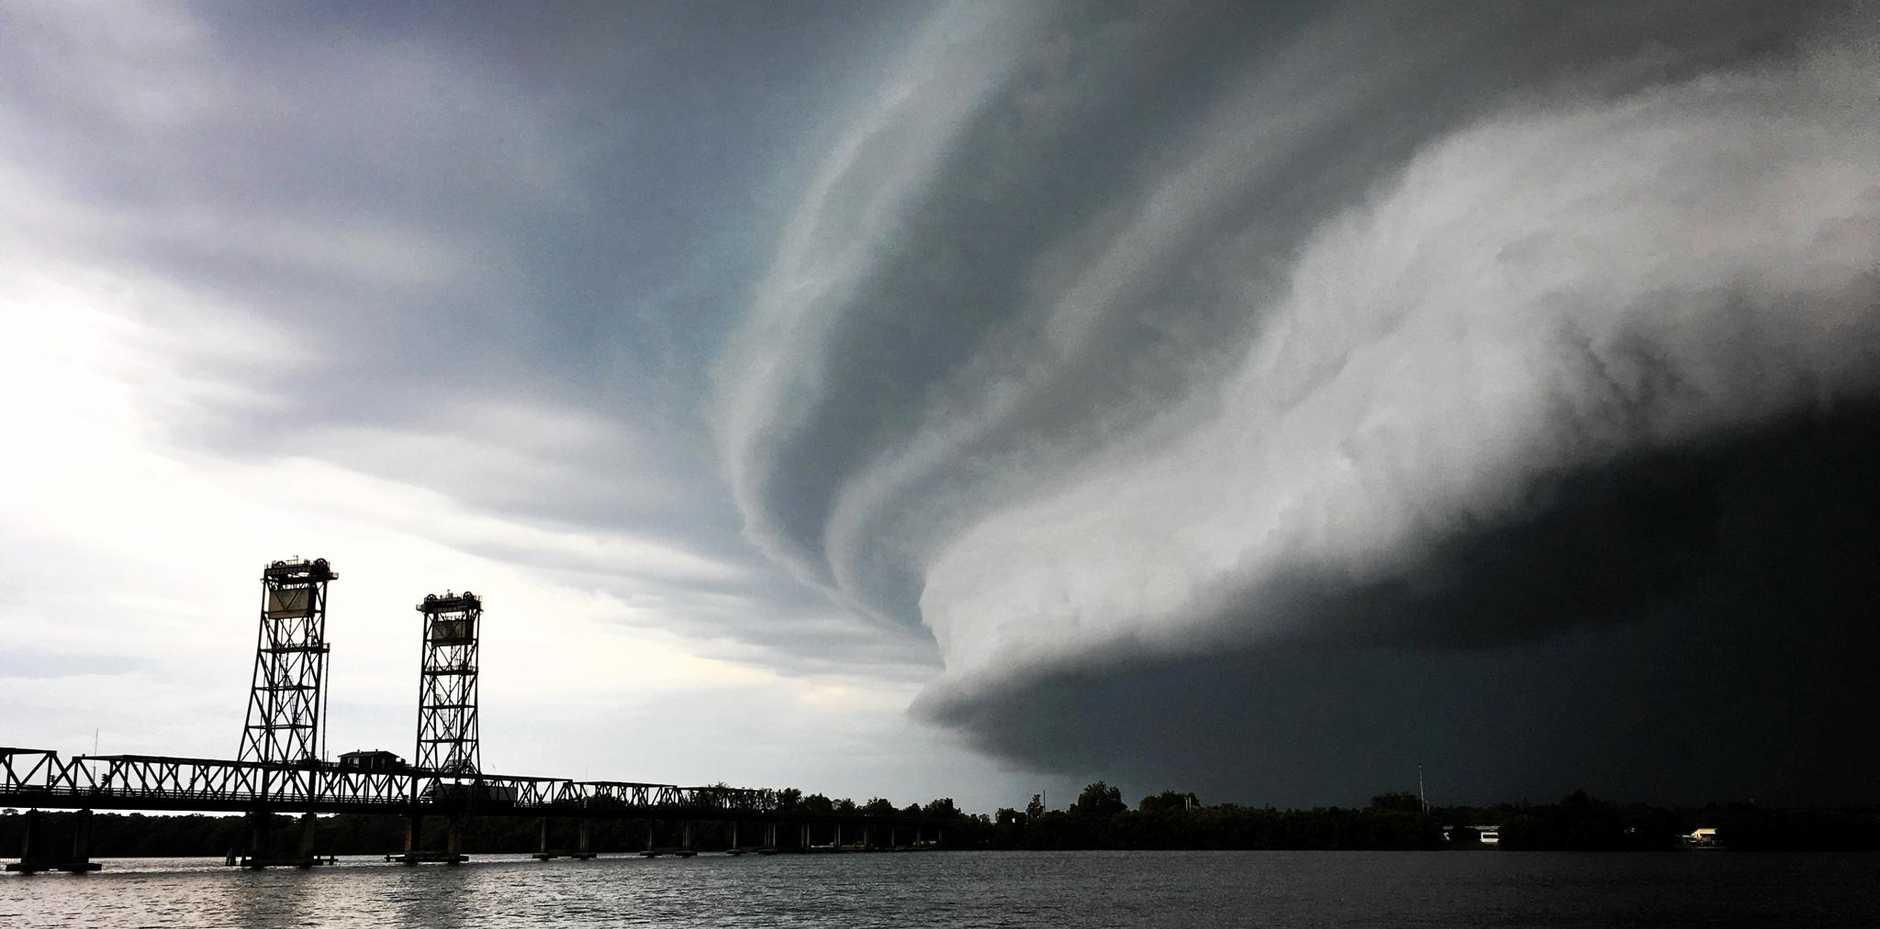 Storm at Harwood Bridge.